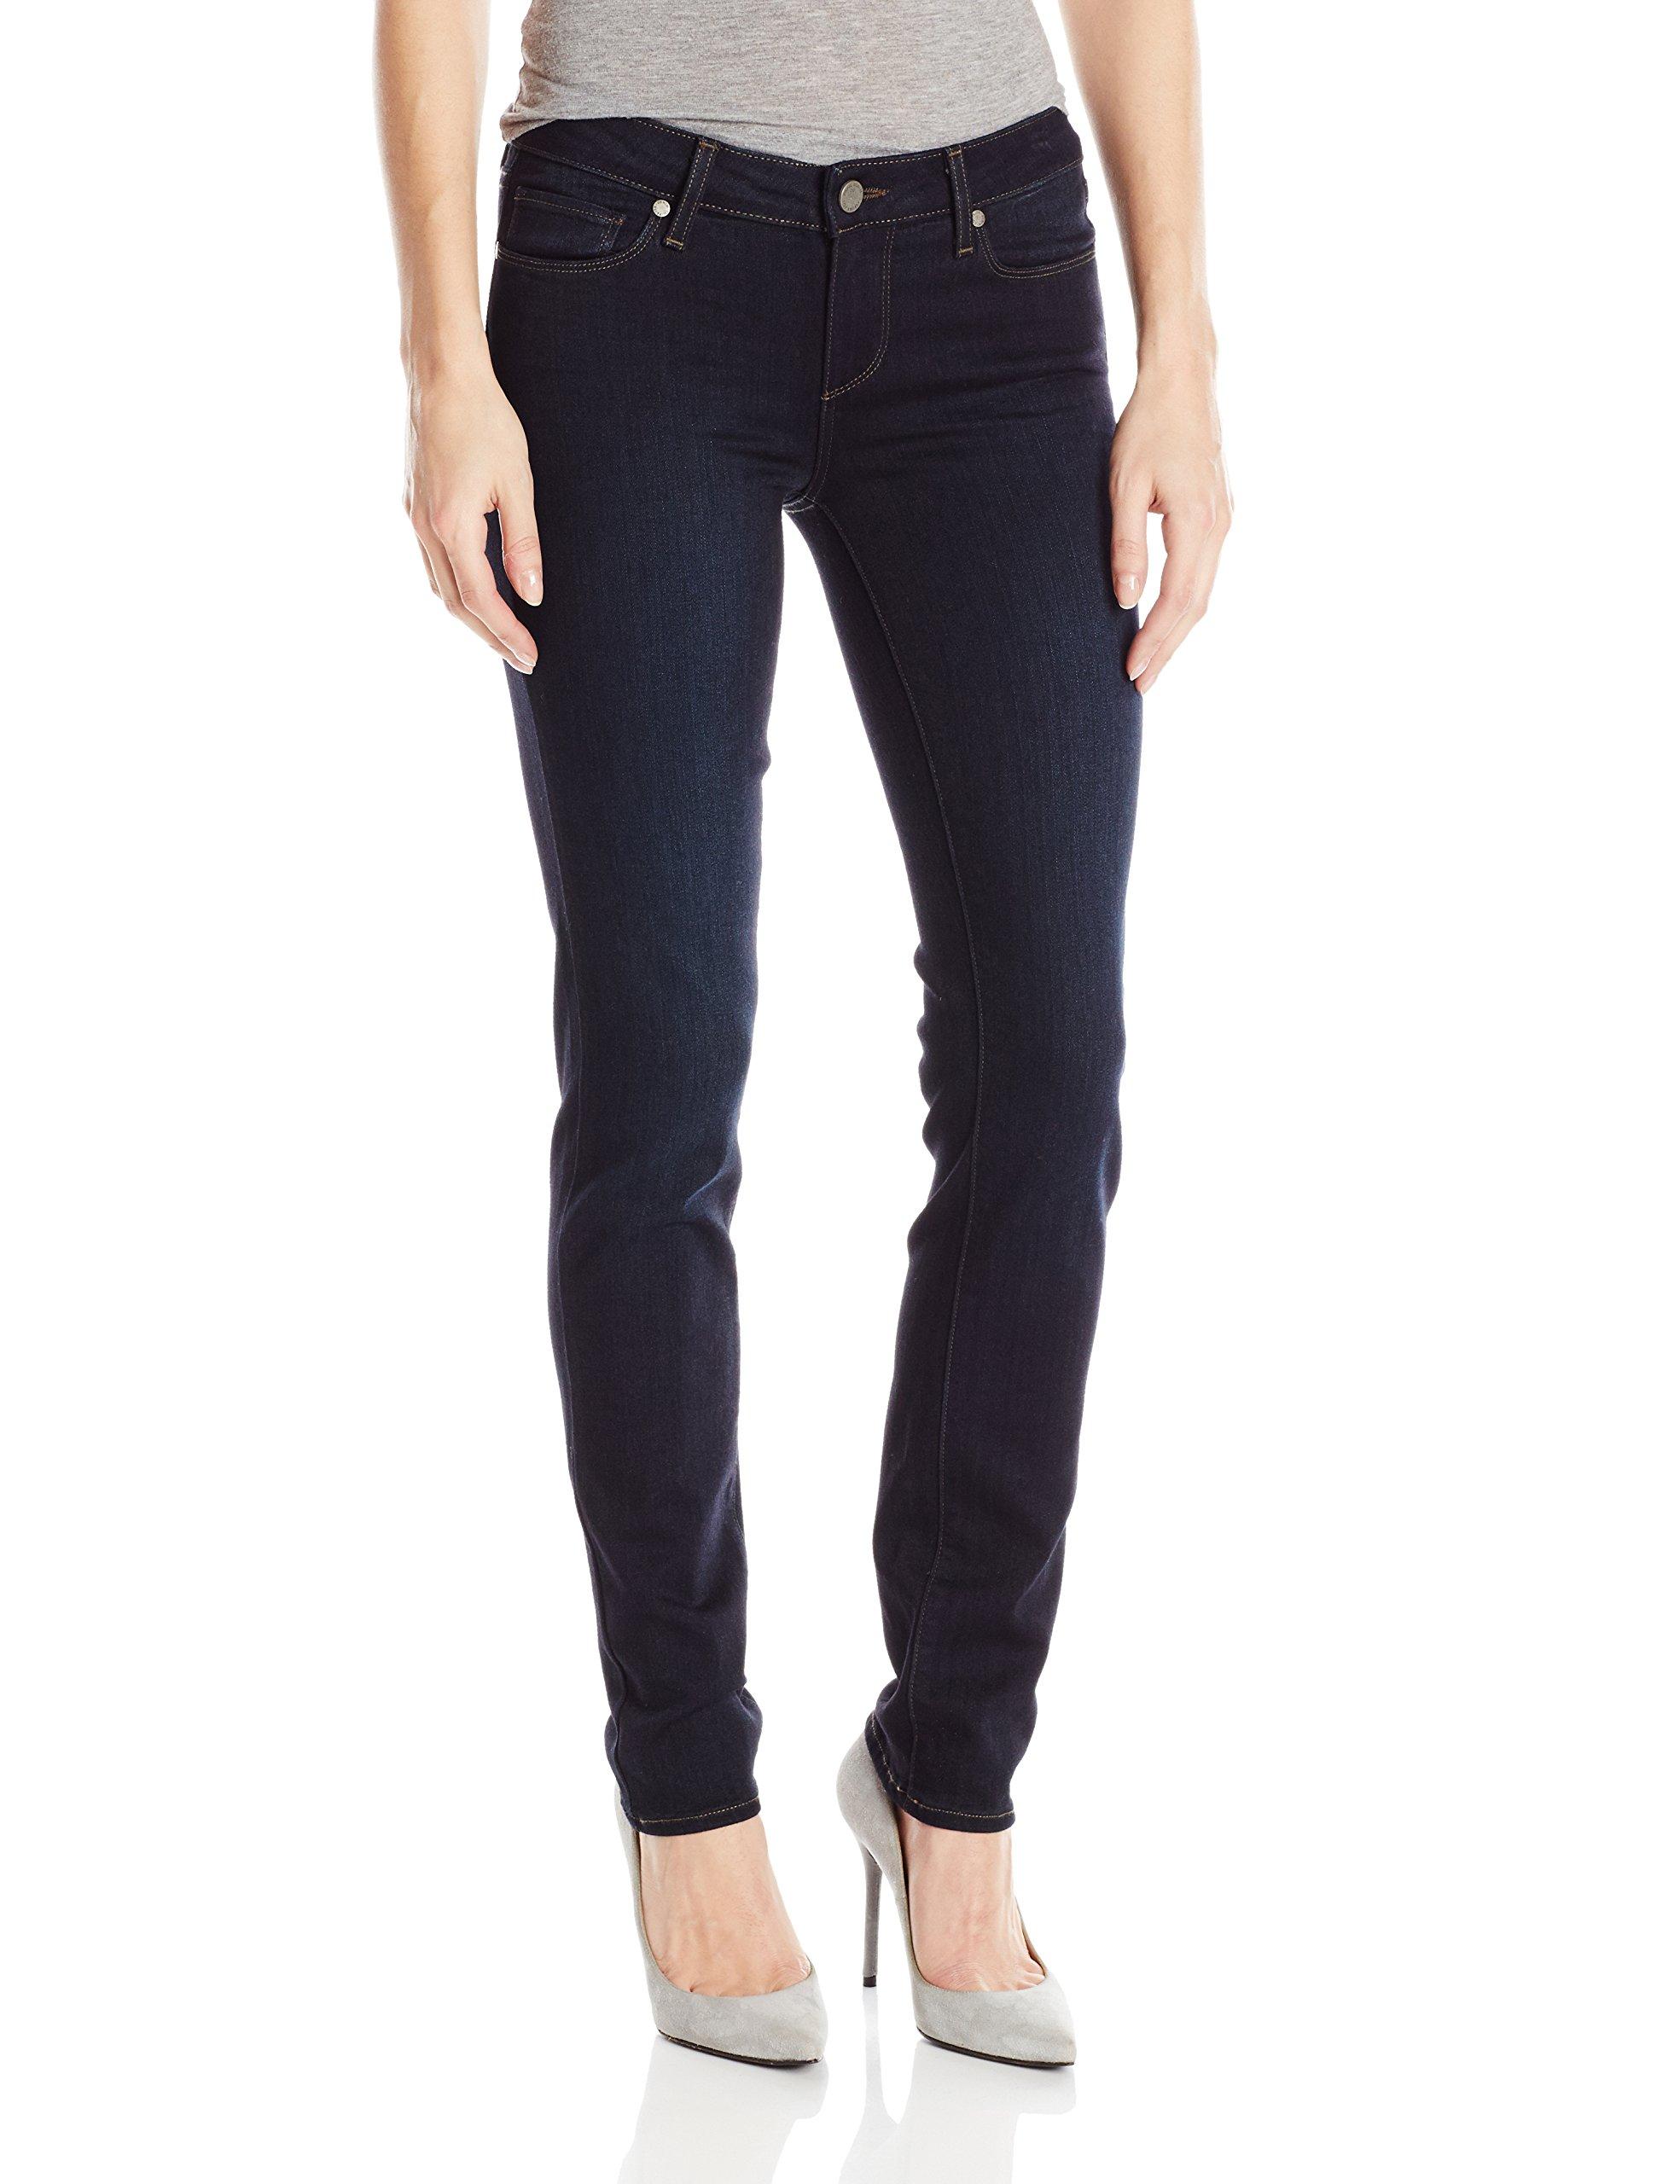 PAIGE Women's Skyline Skinny Jeans, Mona, 32